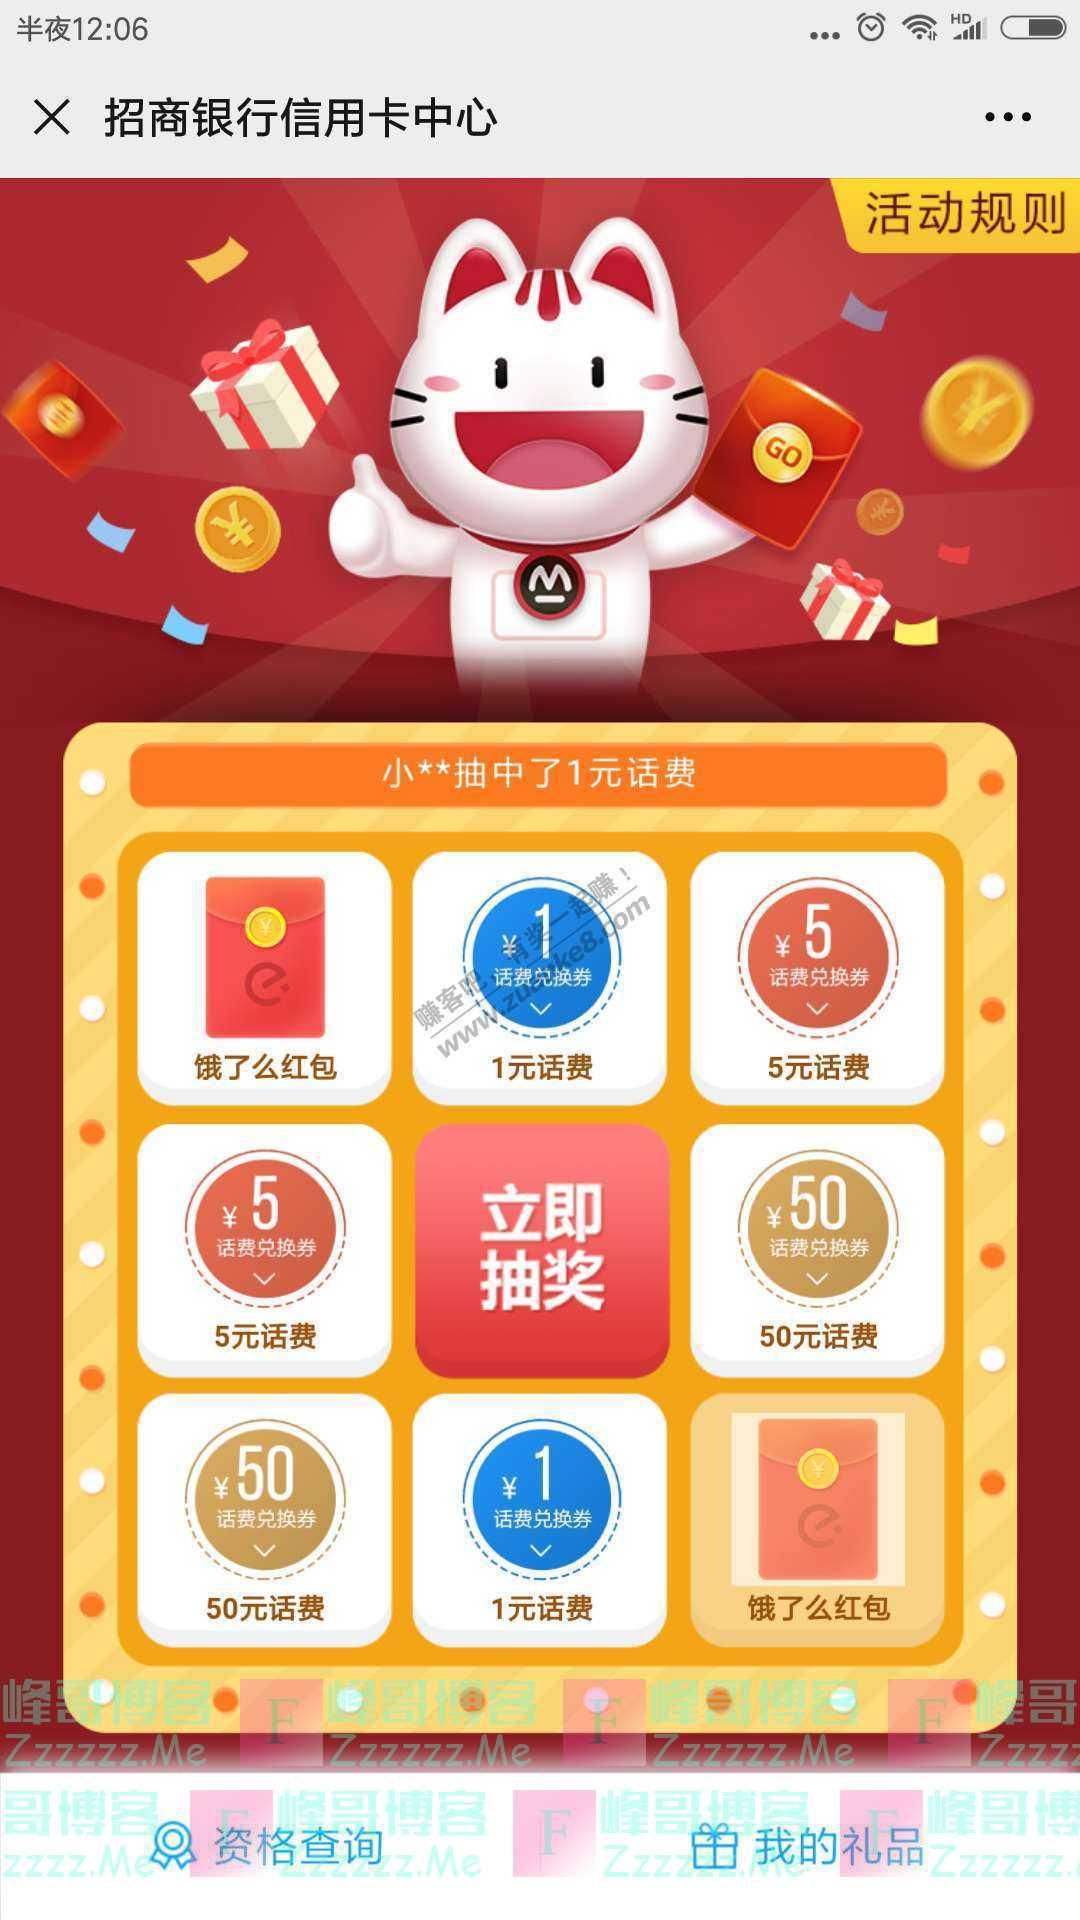 招商银行xing/用卡赢取最高50元话费(截止7月31日)